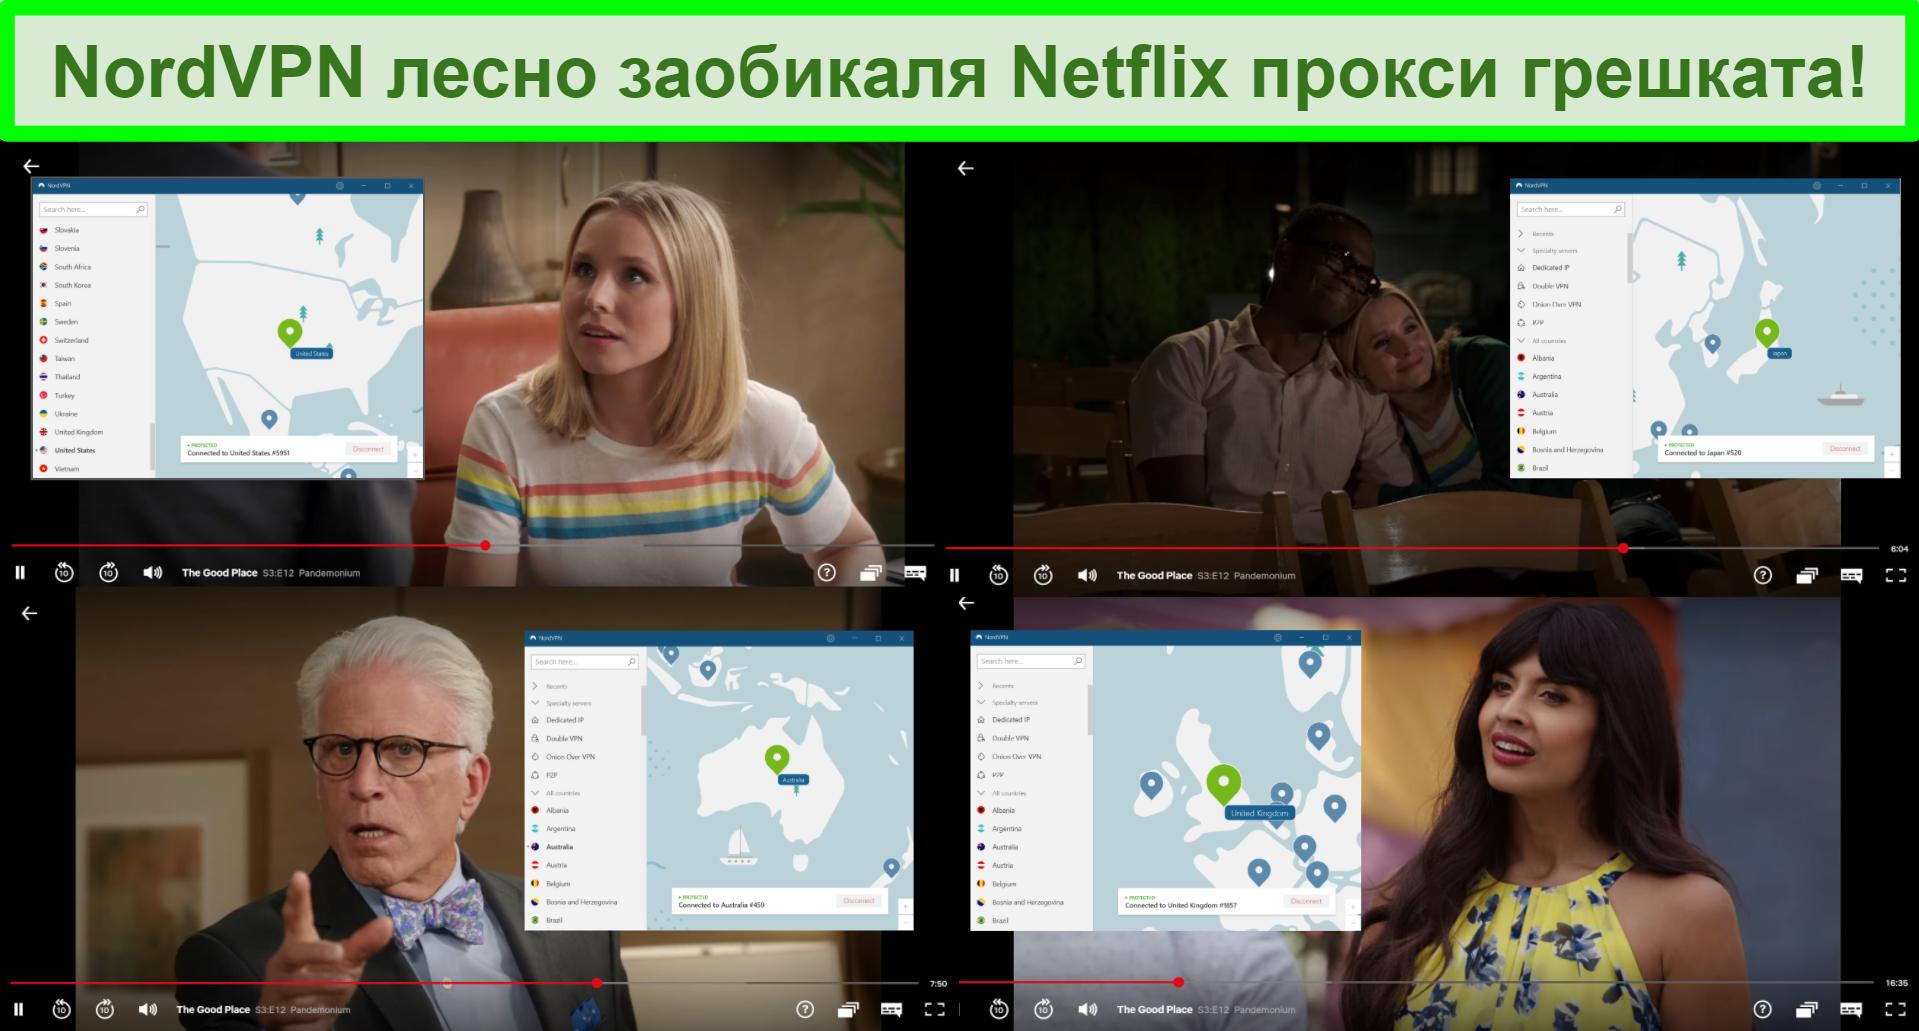 Екранна снимка на The Good Place стрийминг в Netflix САЩ, Япония, Австралия и Великобритания с NordVPN, свързан със сървъри в тези страни